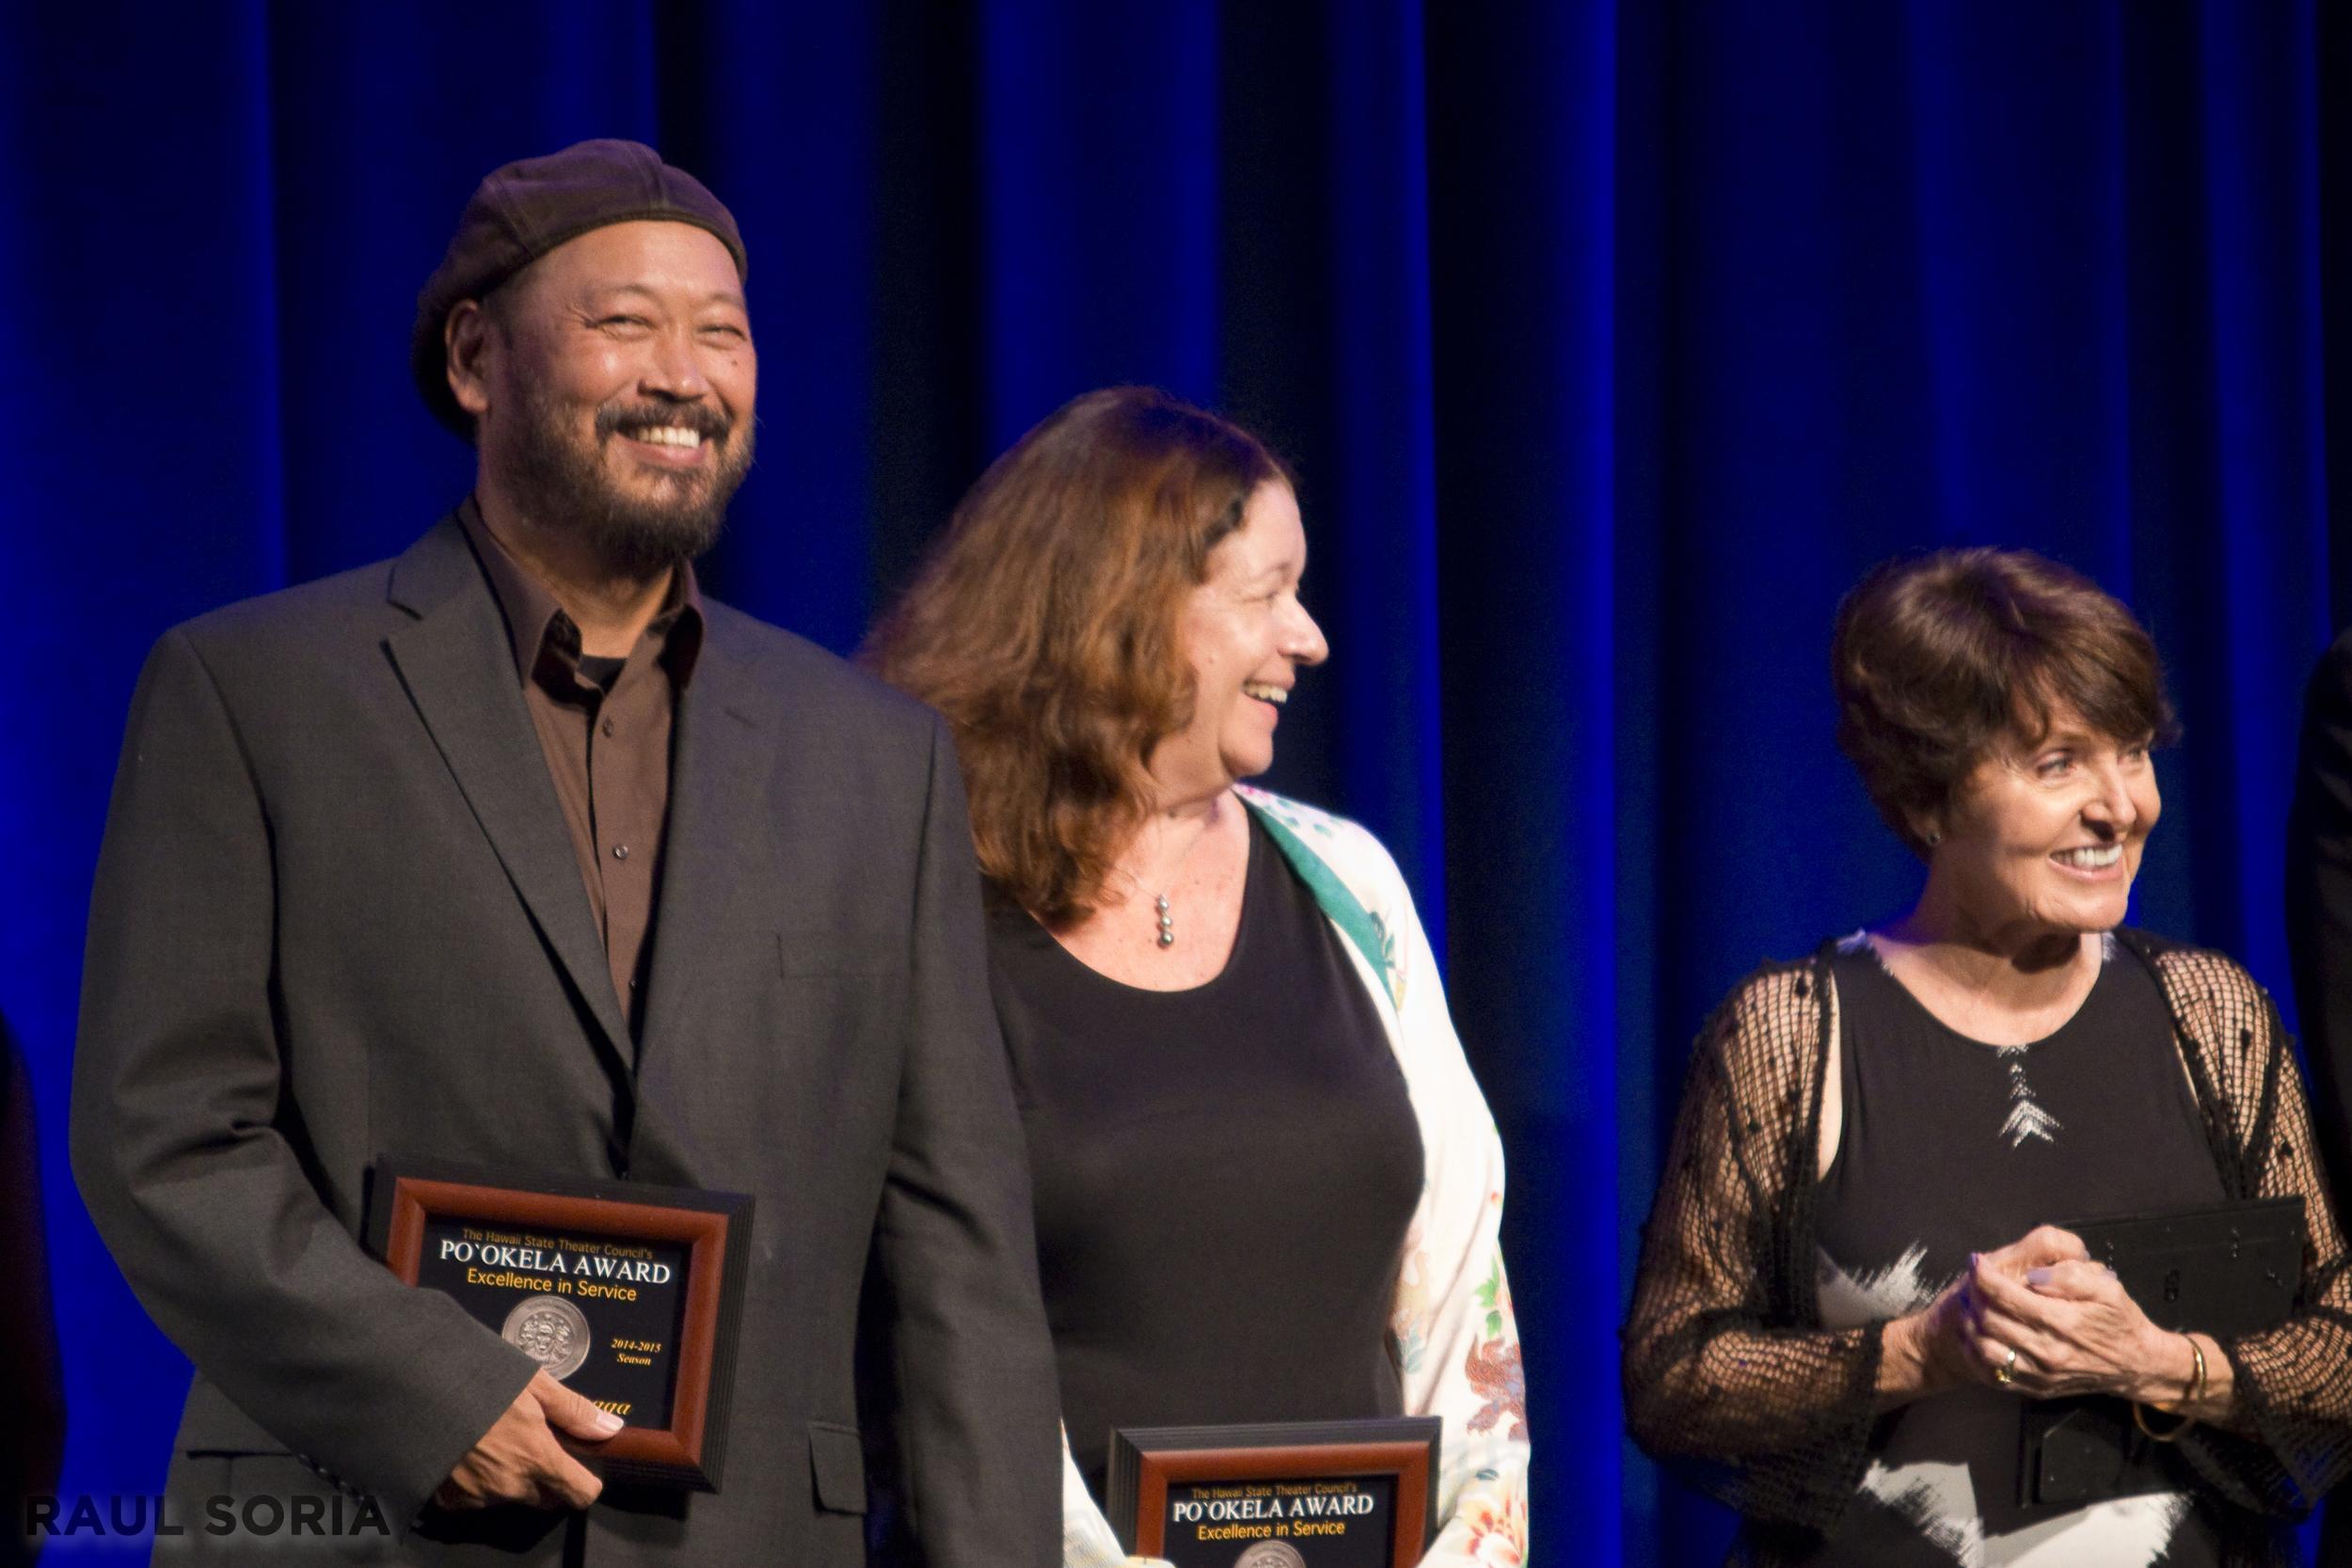 Pookela Awards_081015_42_RS.jpg